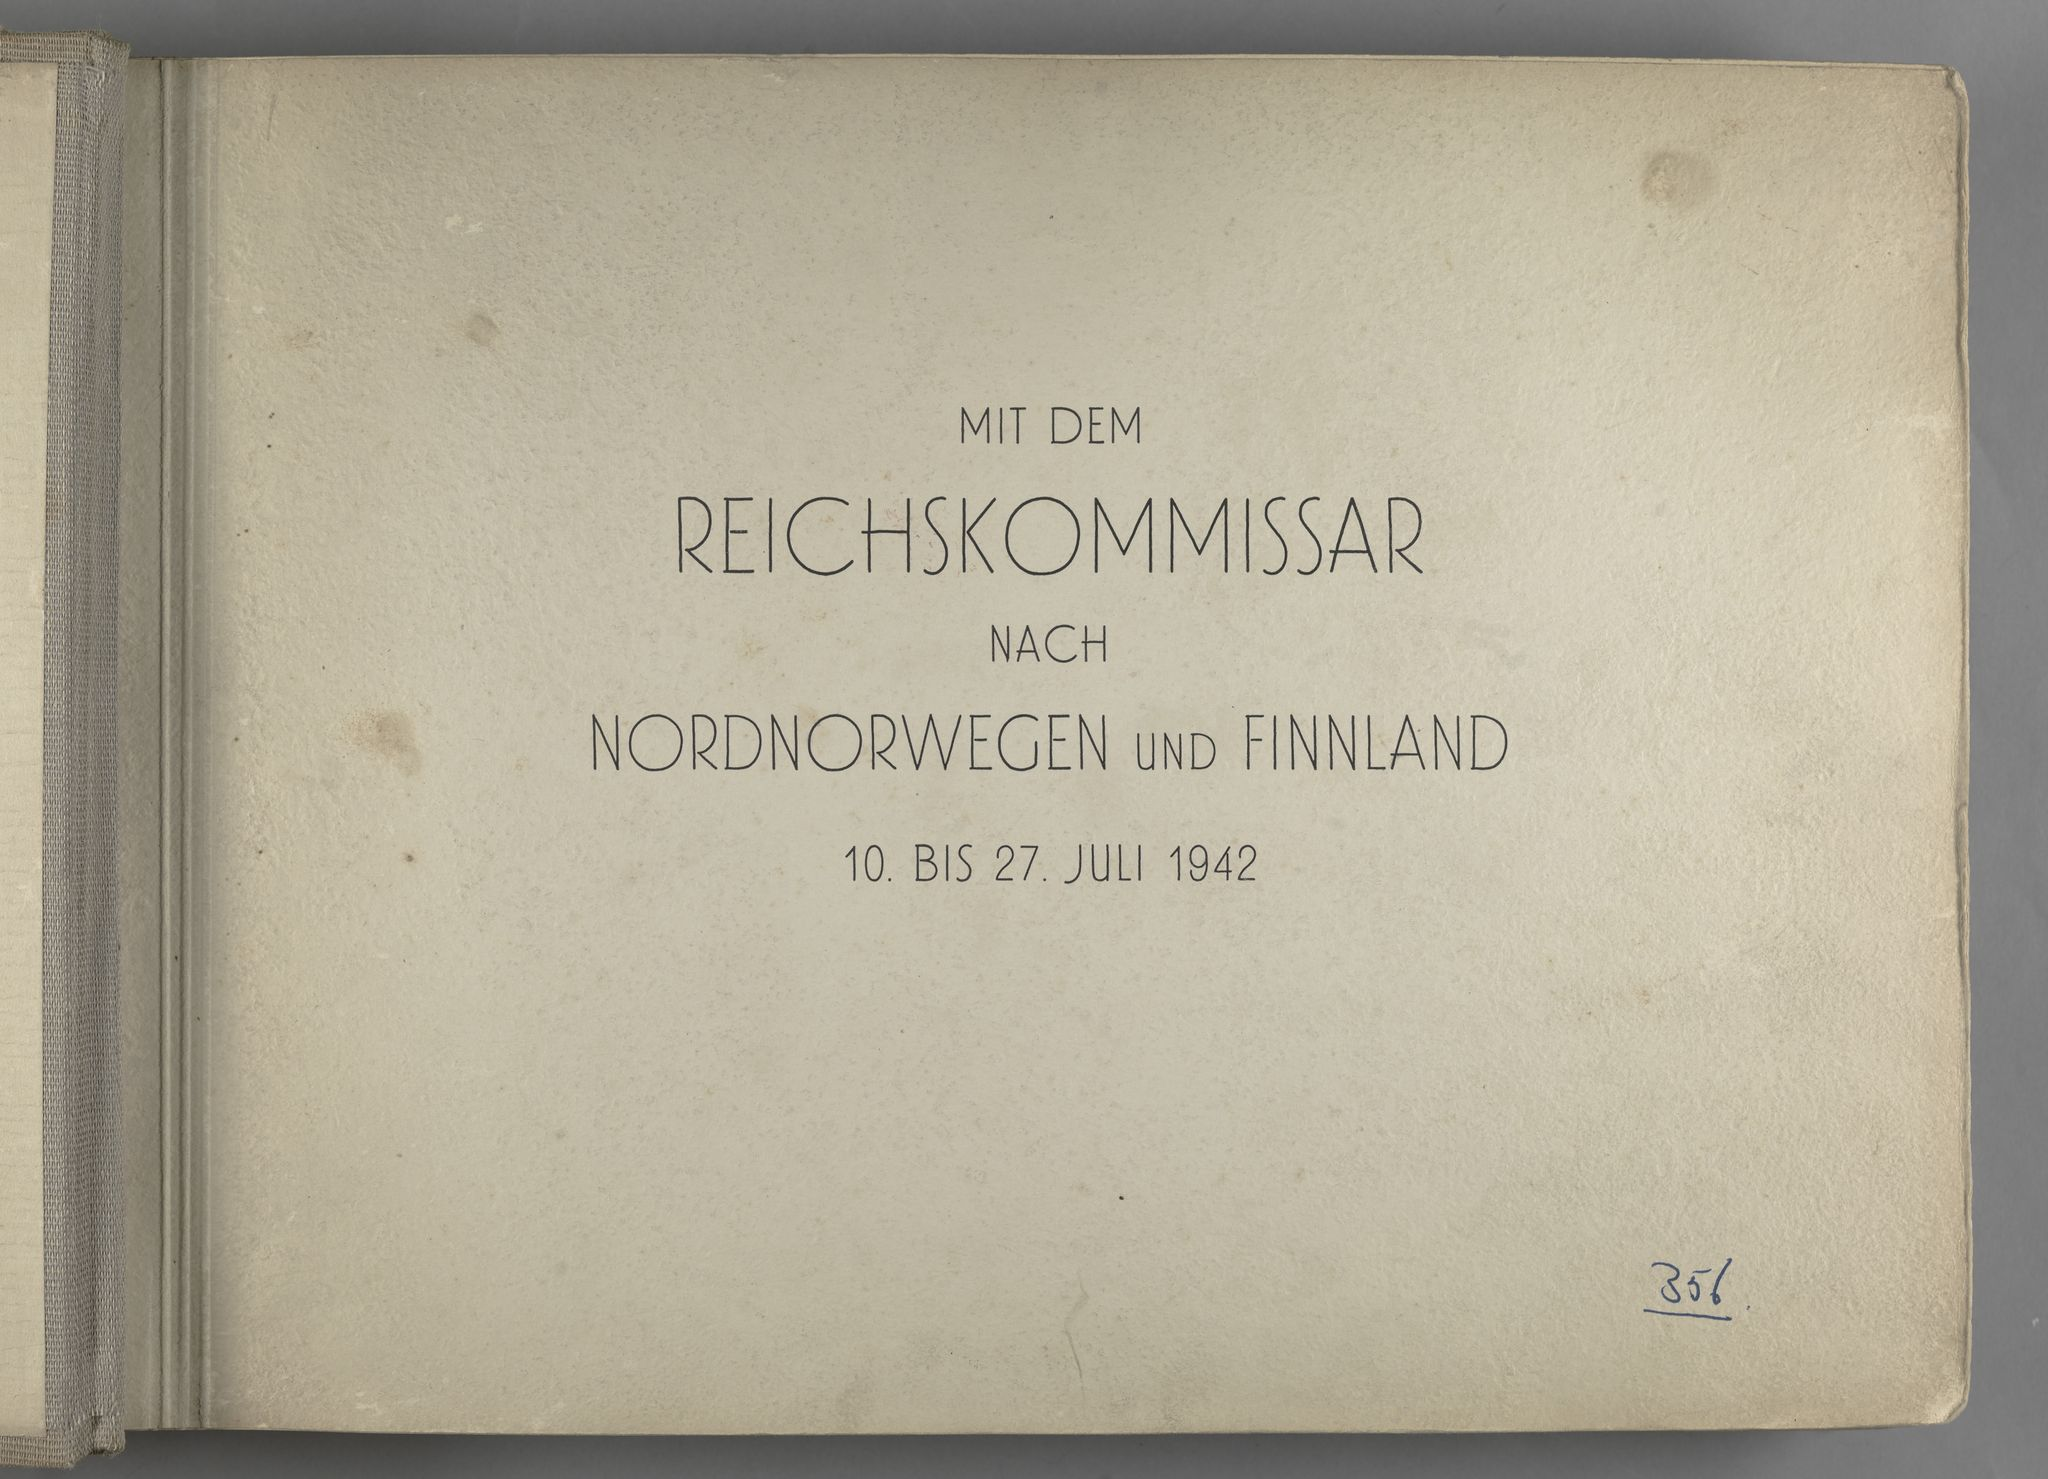 RA, Tyske arkiver, Reichskommissariat, Bildarchiv, U/L0071: Fotoalbum: Mit dem Reichskommissar nach Nordnorwegen und Finnland 10. bis 27. Juli 1942, 1942, s. 2